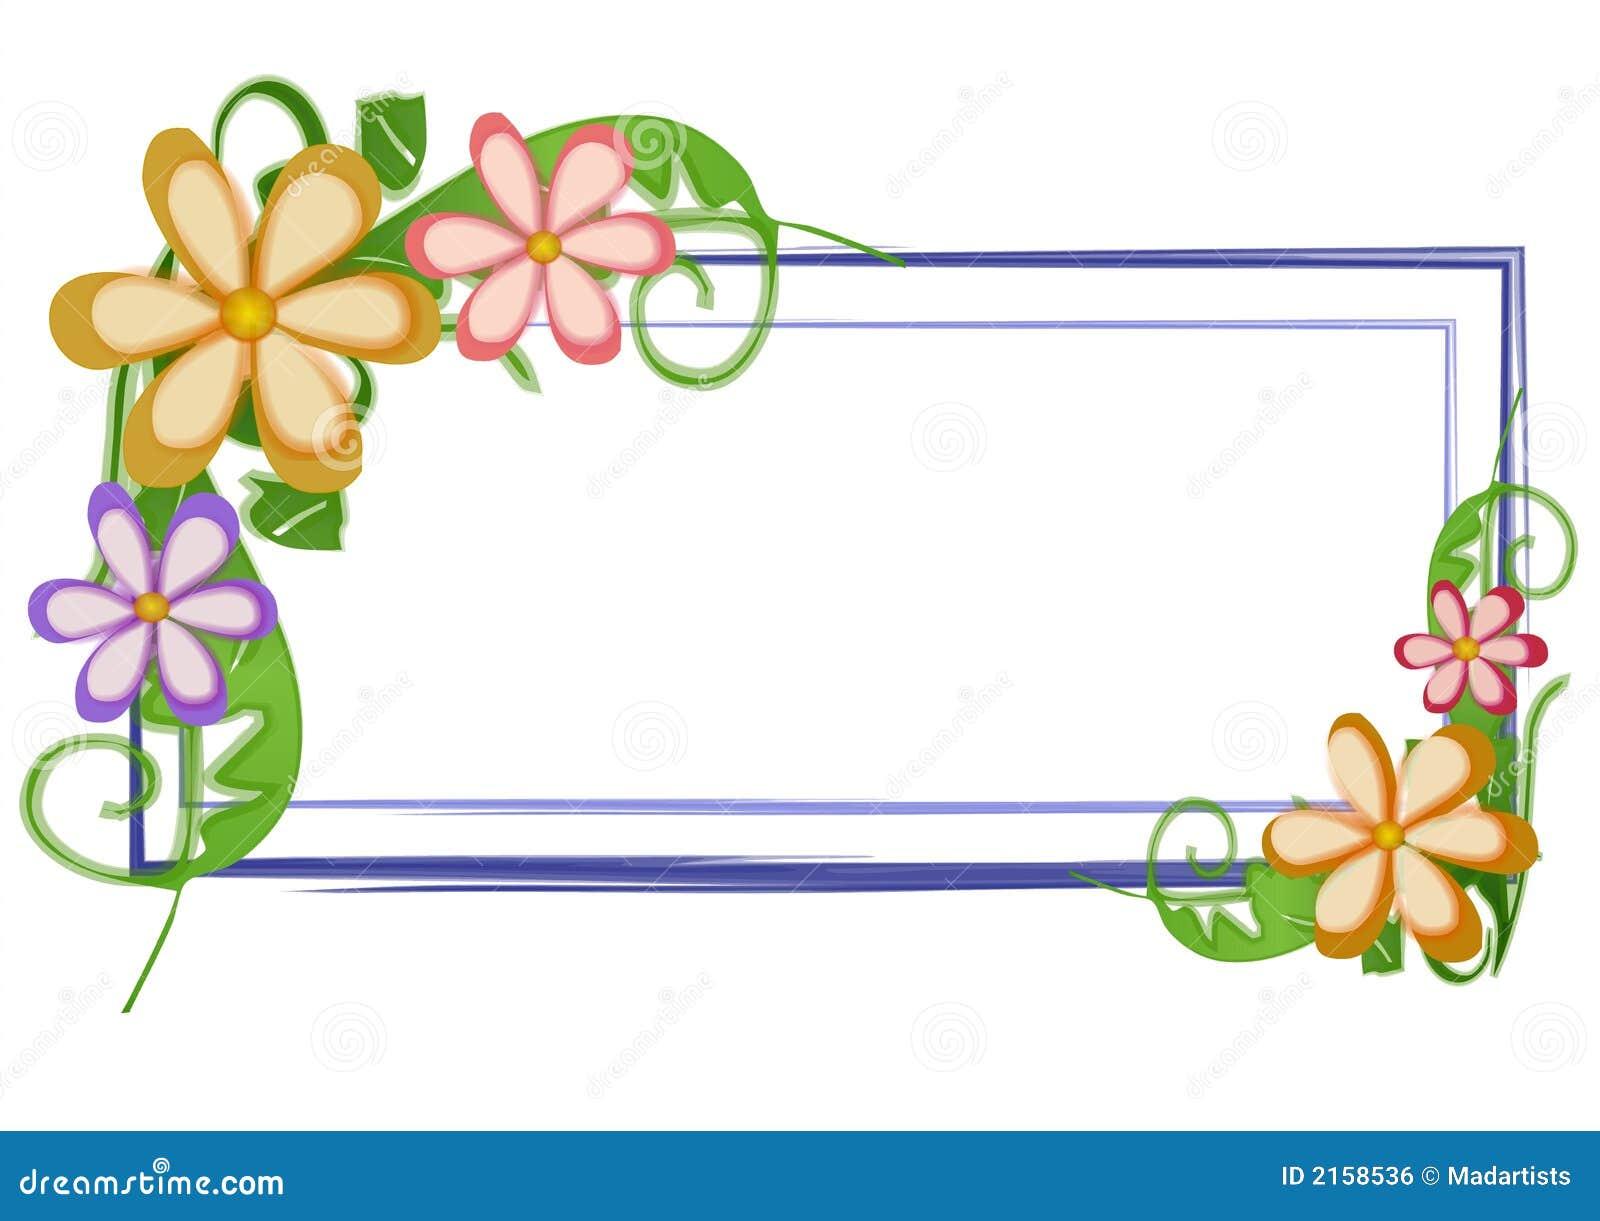 Kwiat kwiecista logo strony sieci